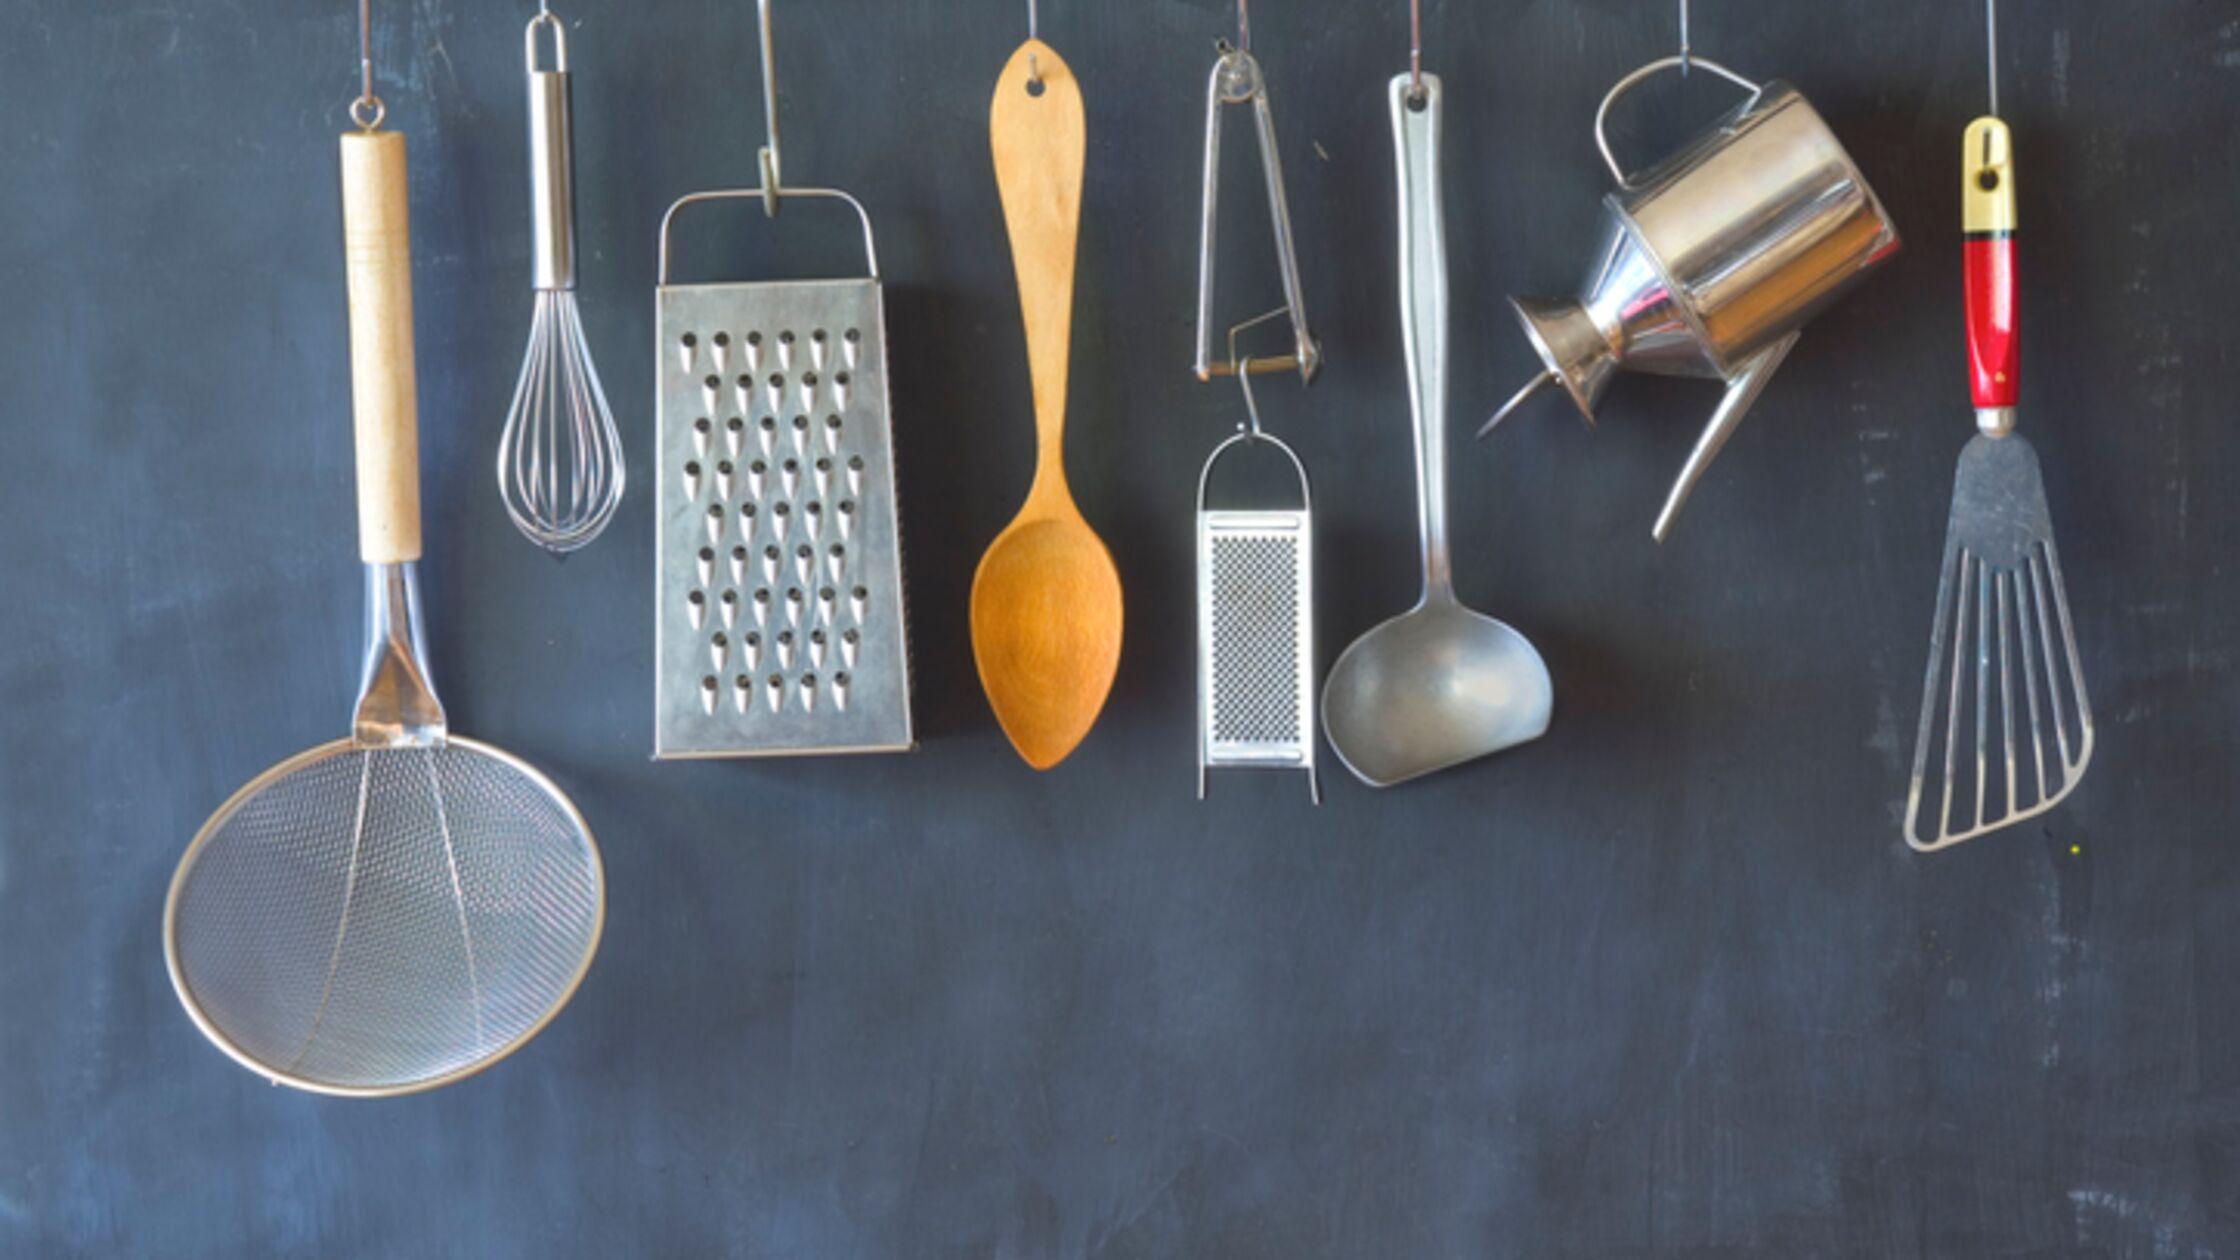 Küchengeräte an Aufhängevorrichtung